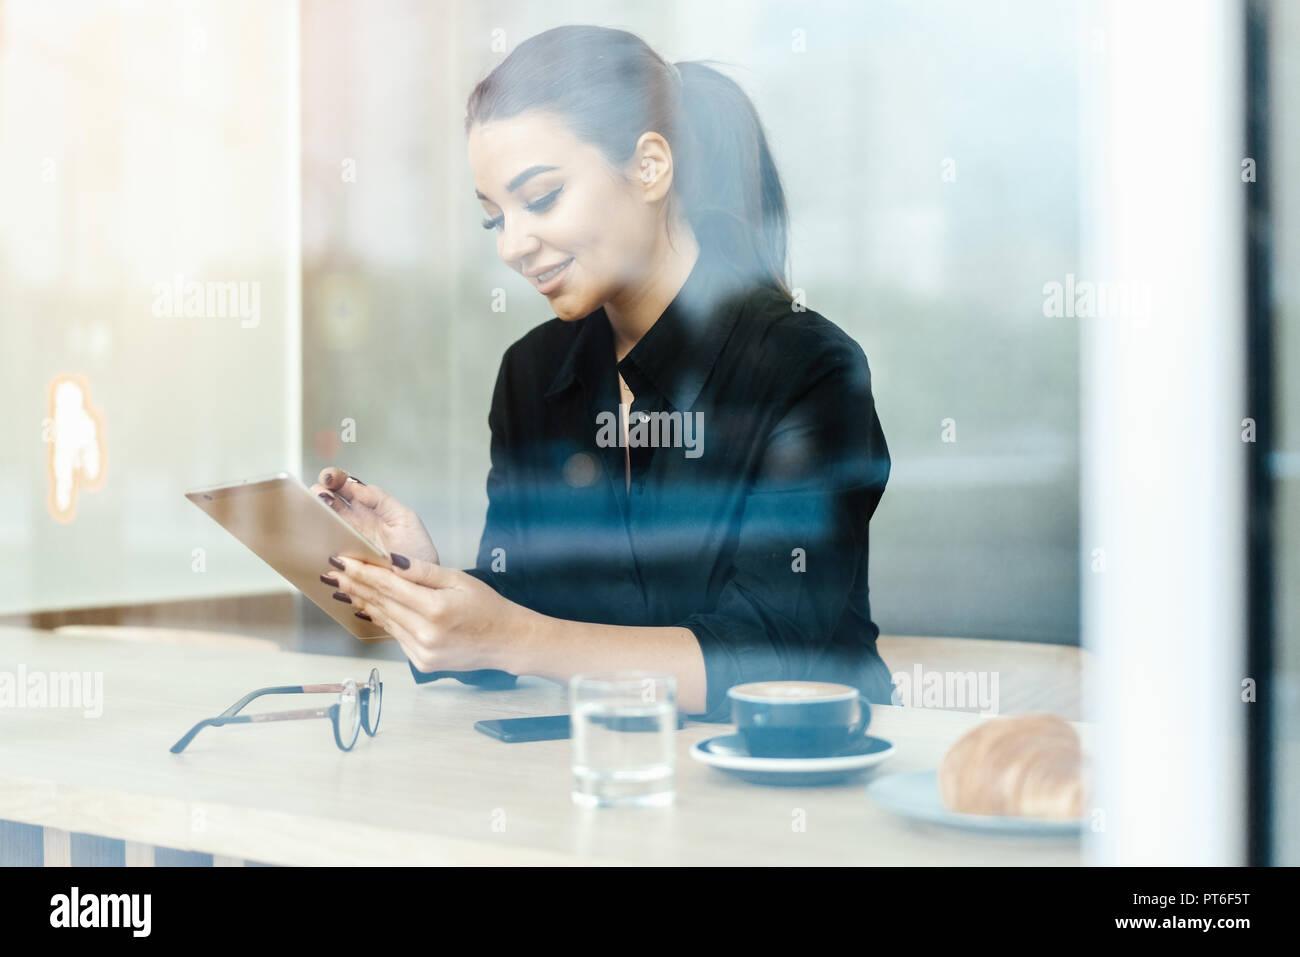 In der Nähe der Jugendlichen schöne Brünette Frau im Cafe holding Tablet und lächelnd. Stockbild